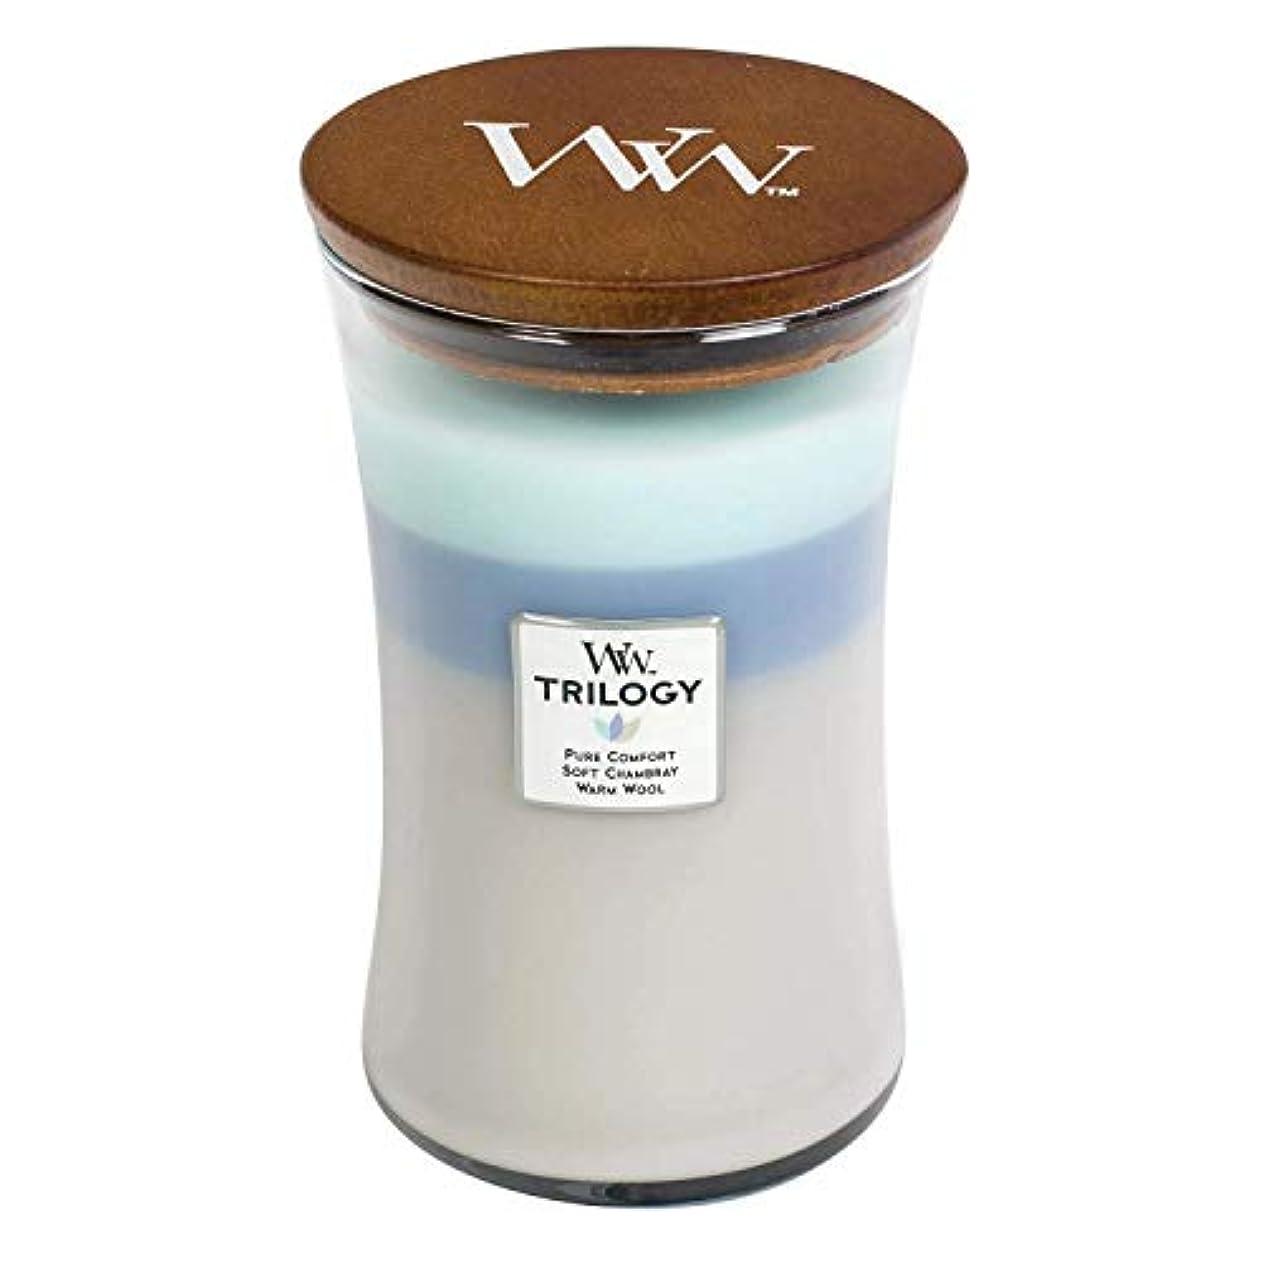 侵入開始原子Woven Comforts WoodWick Trilogy 22オンス香りつきJarキャンドル – 3 in 1つ